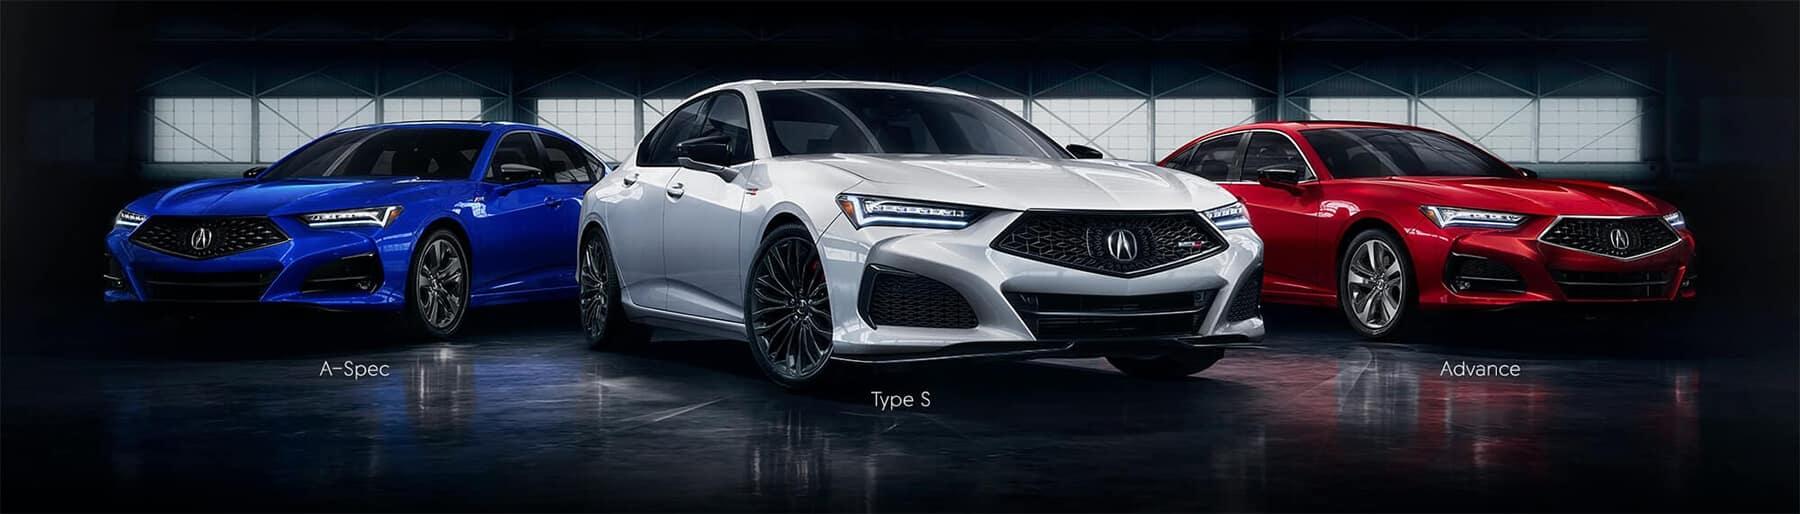 Vern Eide Acura 2021 TLX Slider